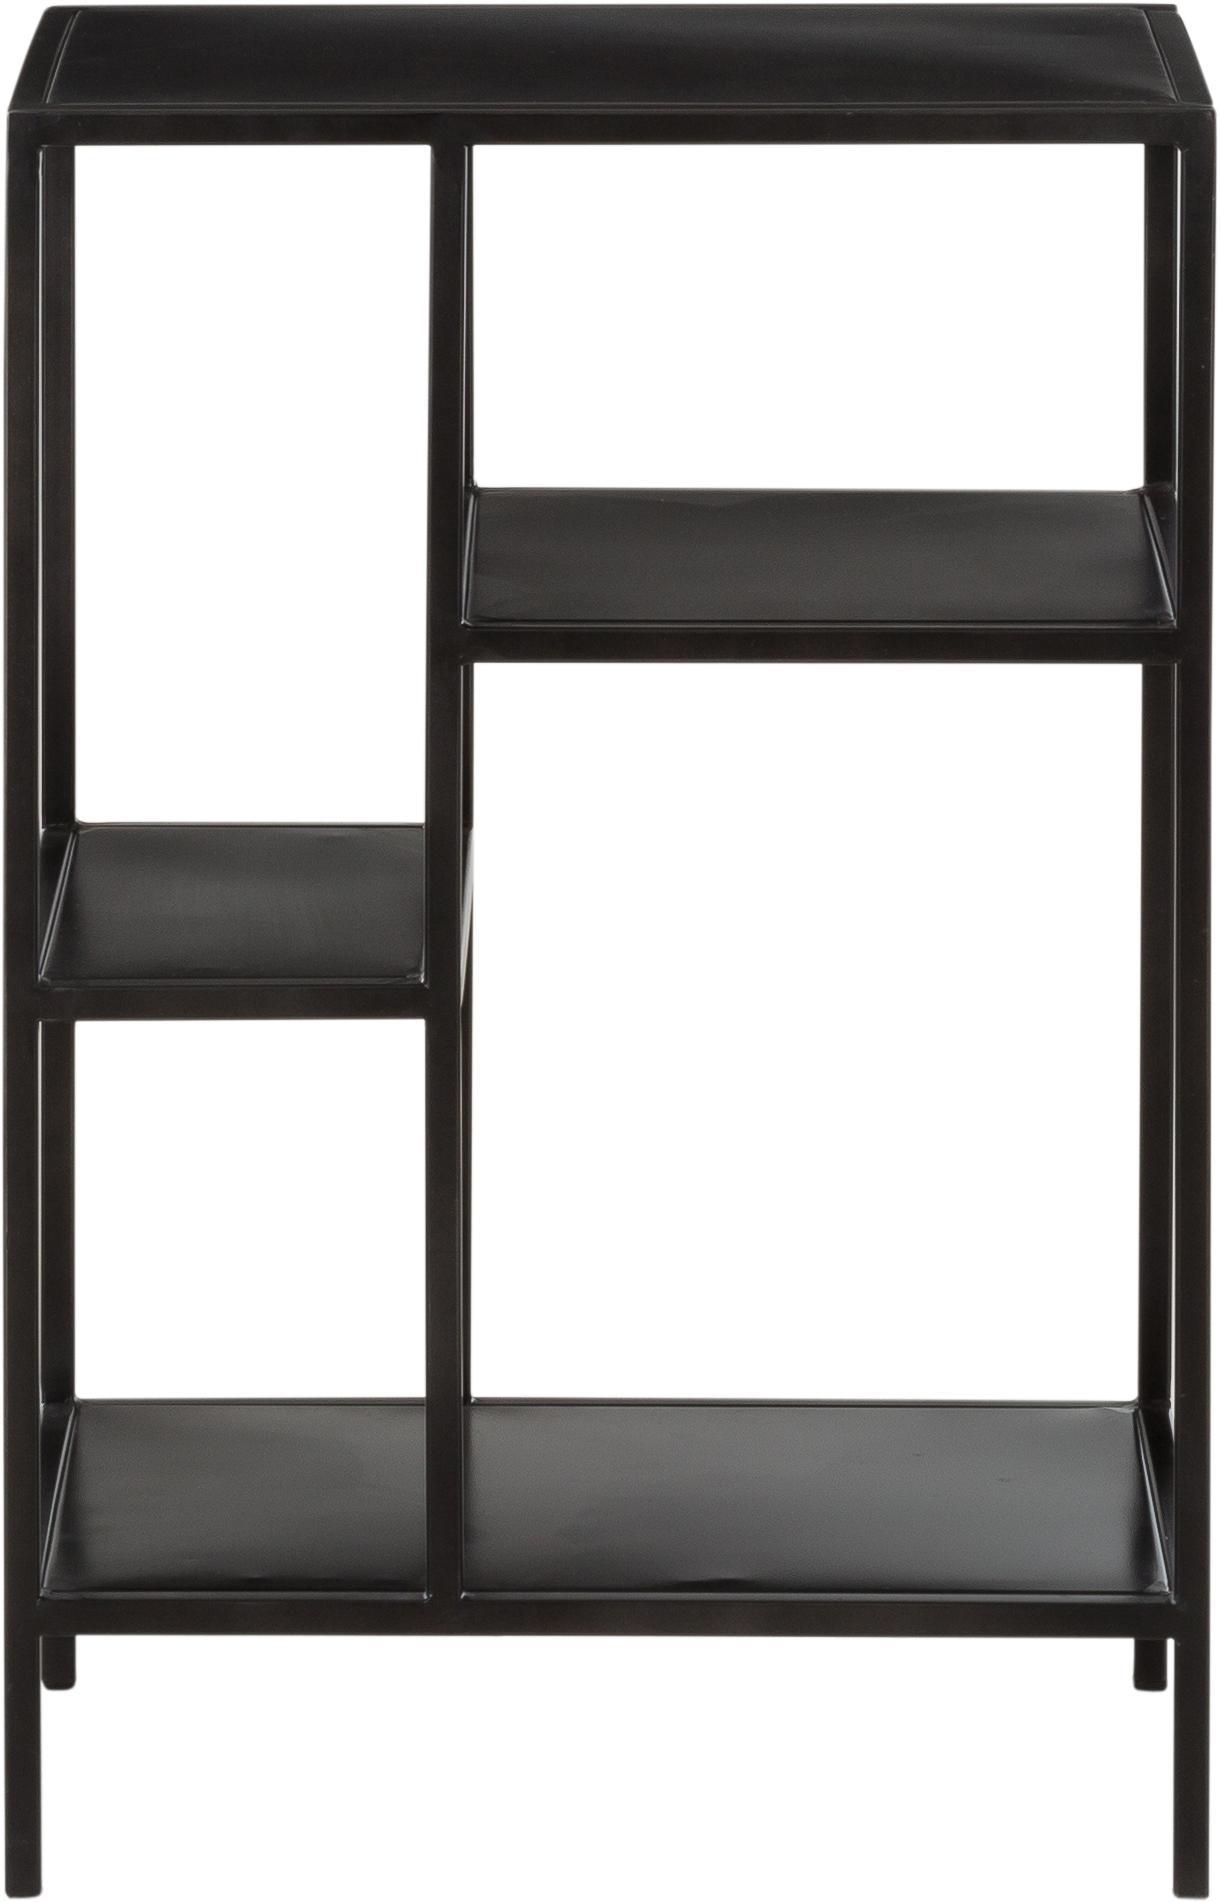 Mensola in metallo Display, Metallo verniciato a polvere, Nero, Larg. 50 x Prof. 74 cm